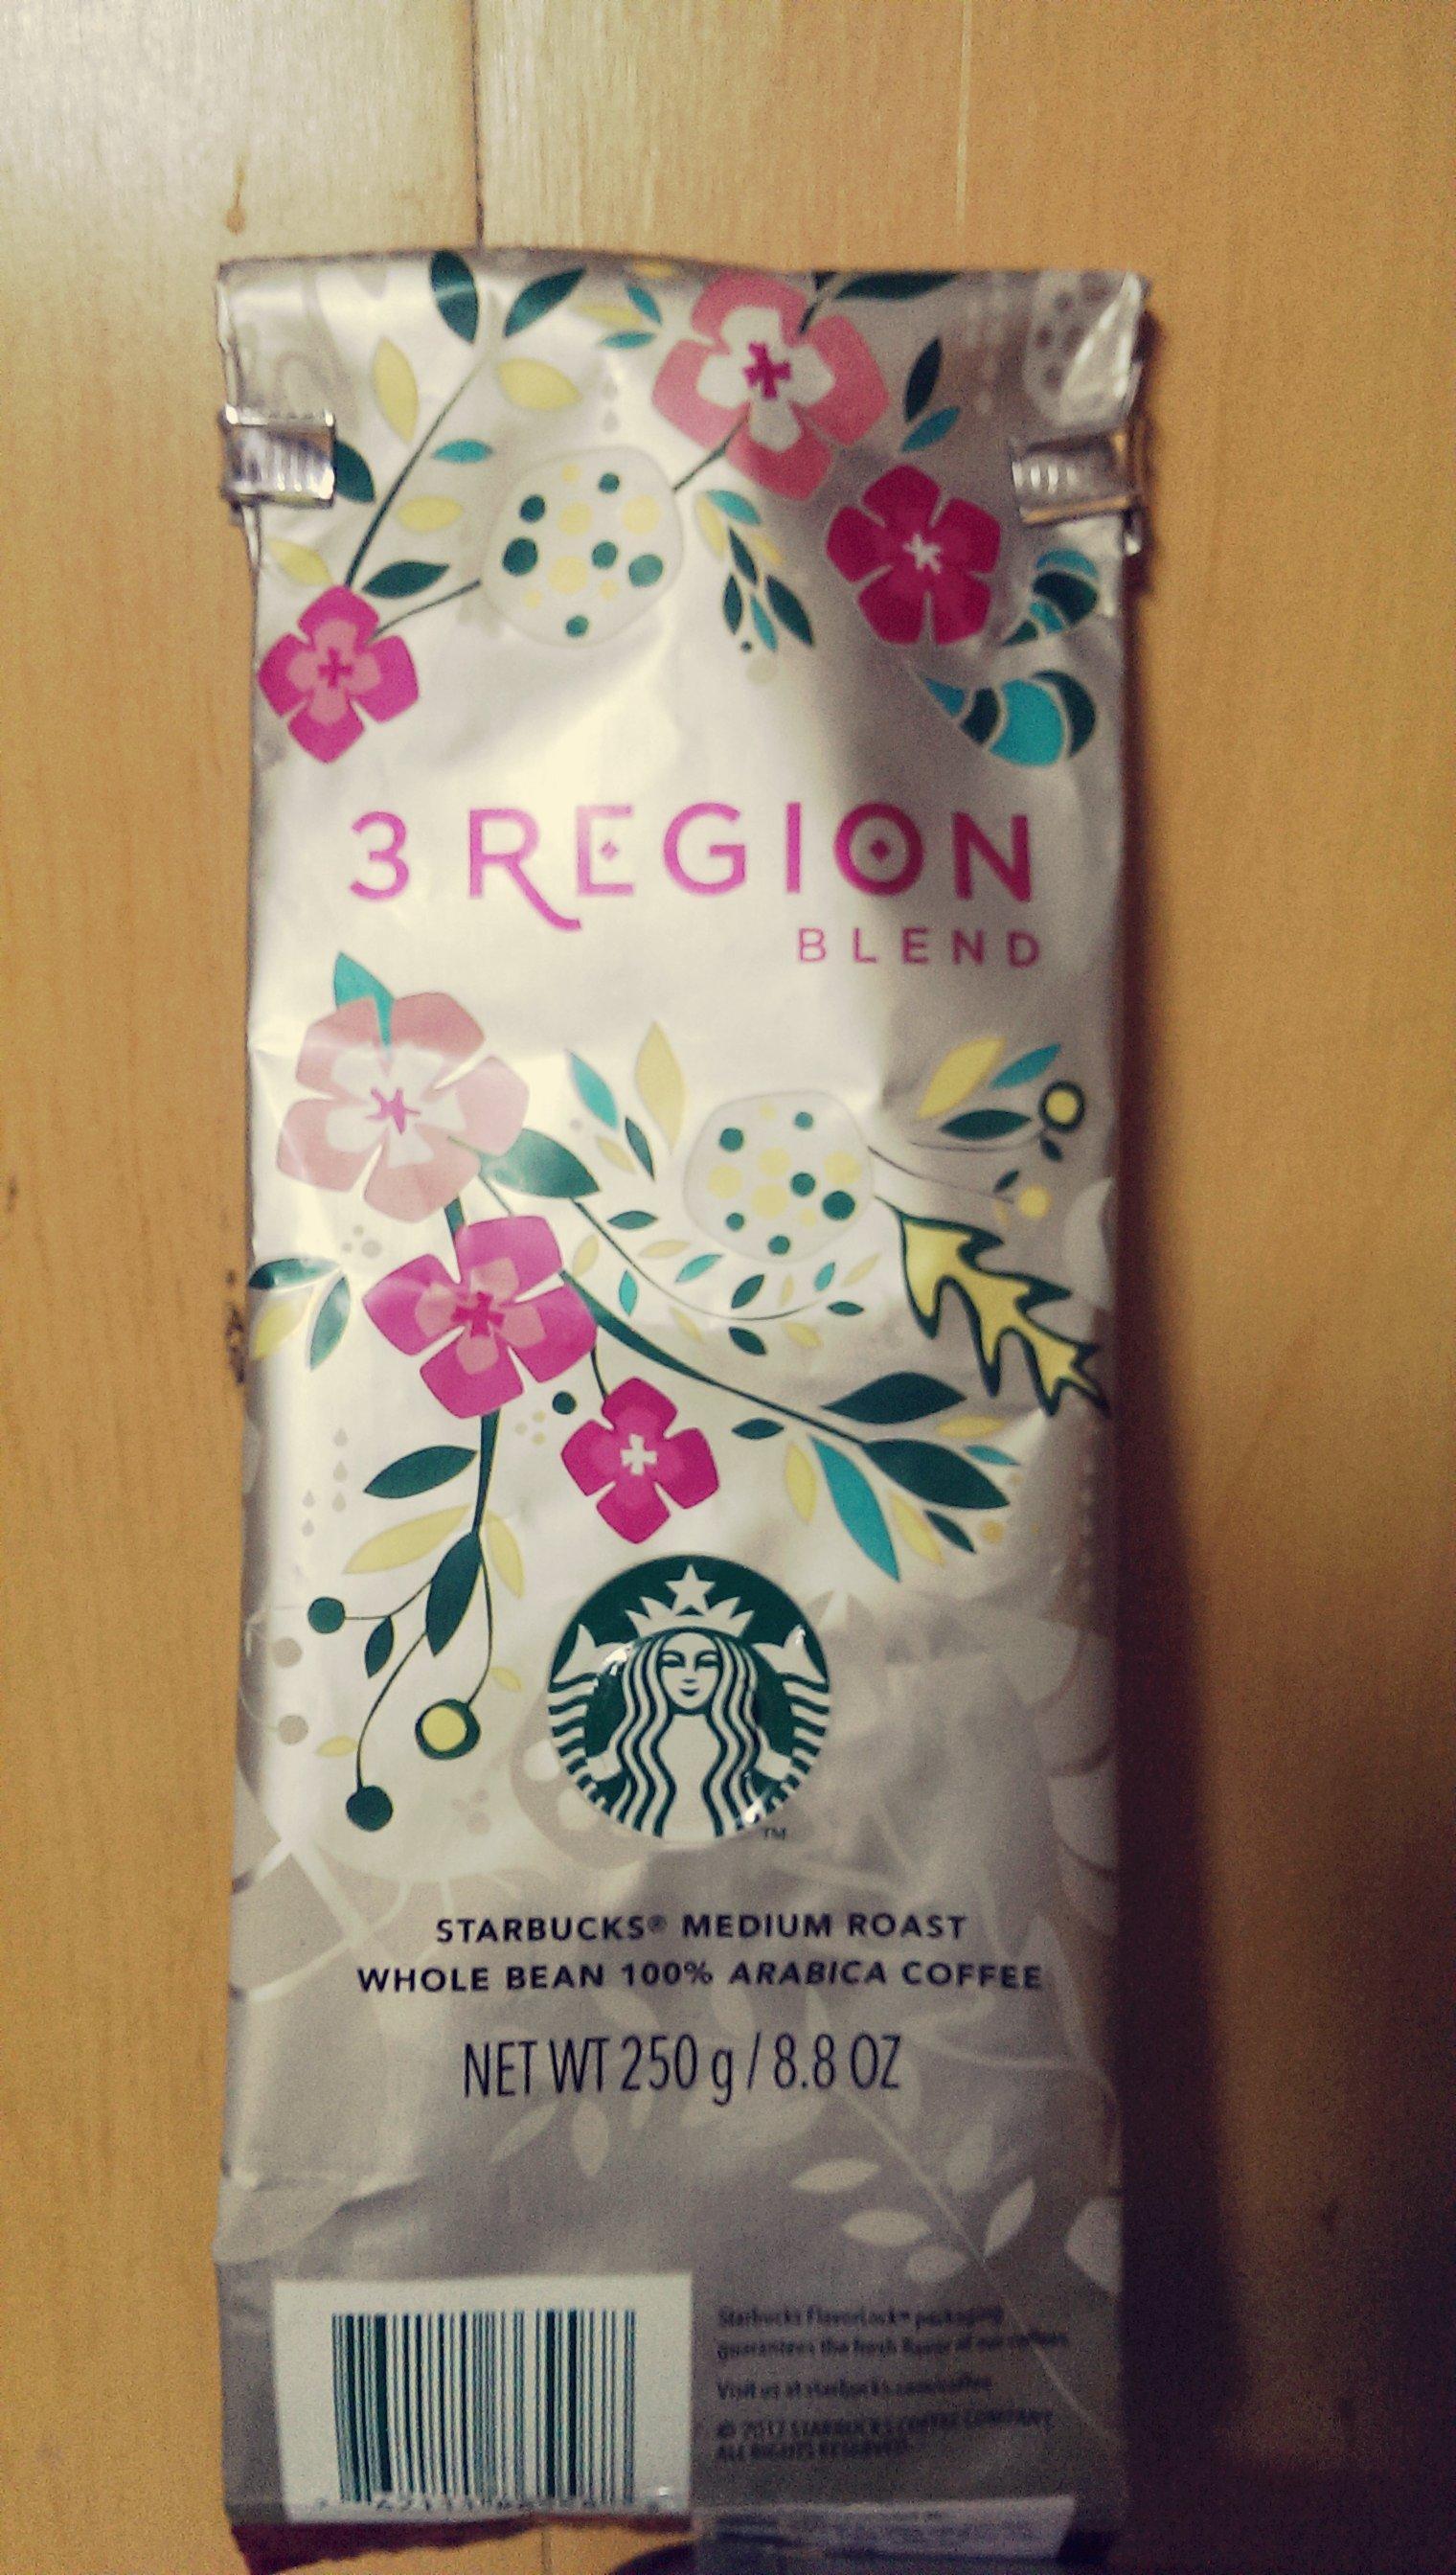 Starbucks 3 region